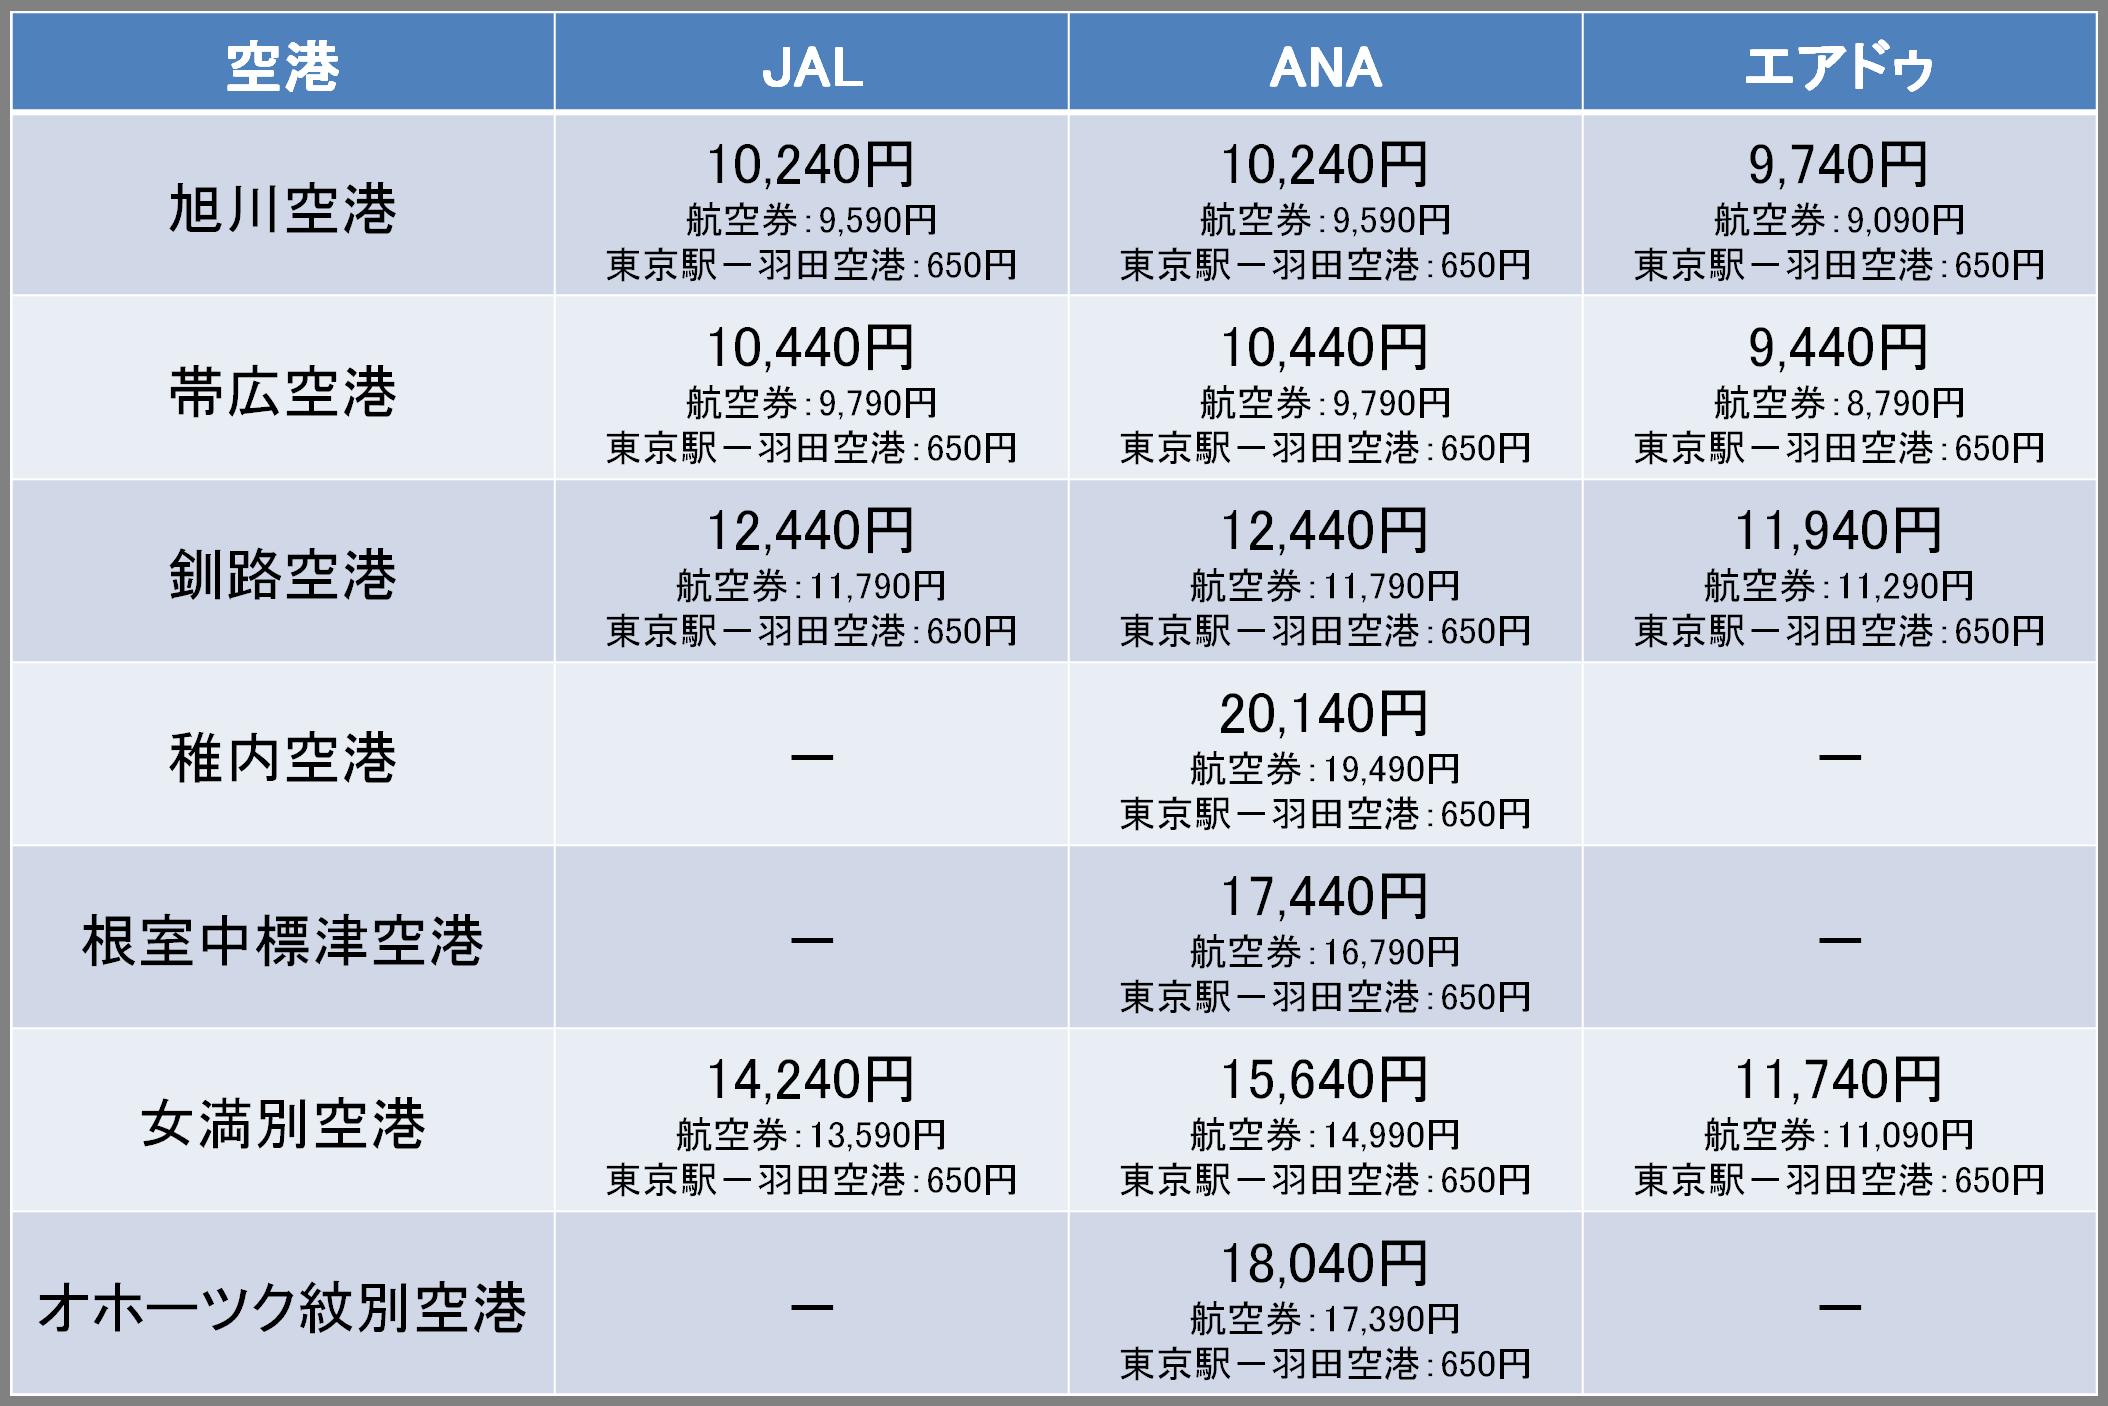 羽田から北海道各地の空港への料金